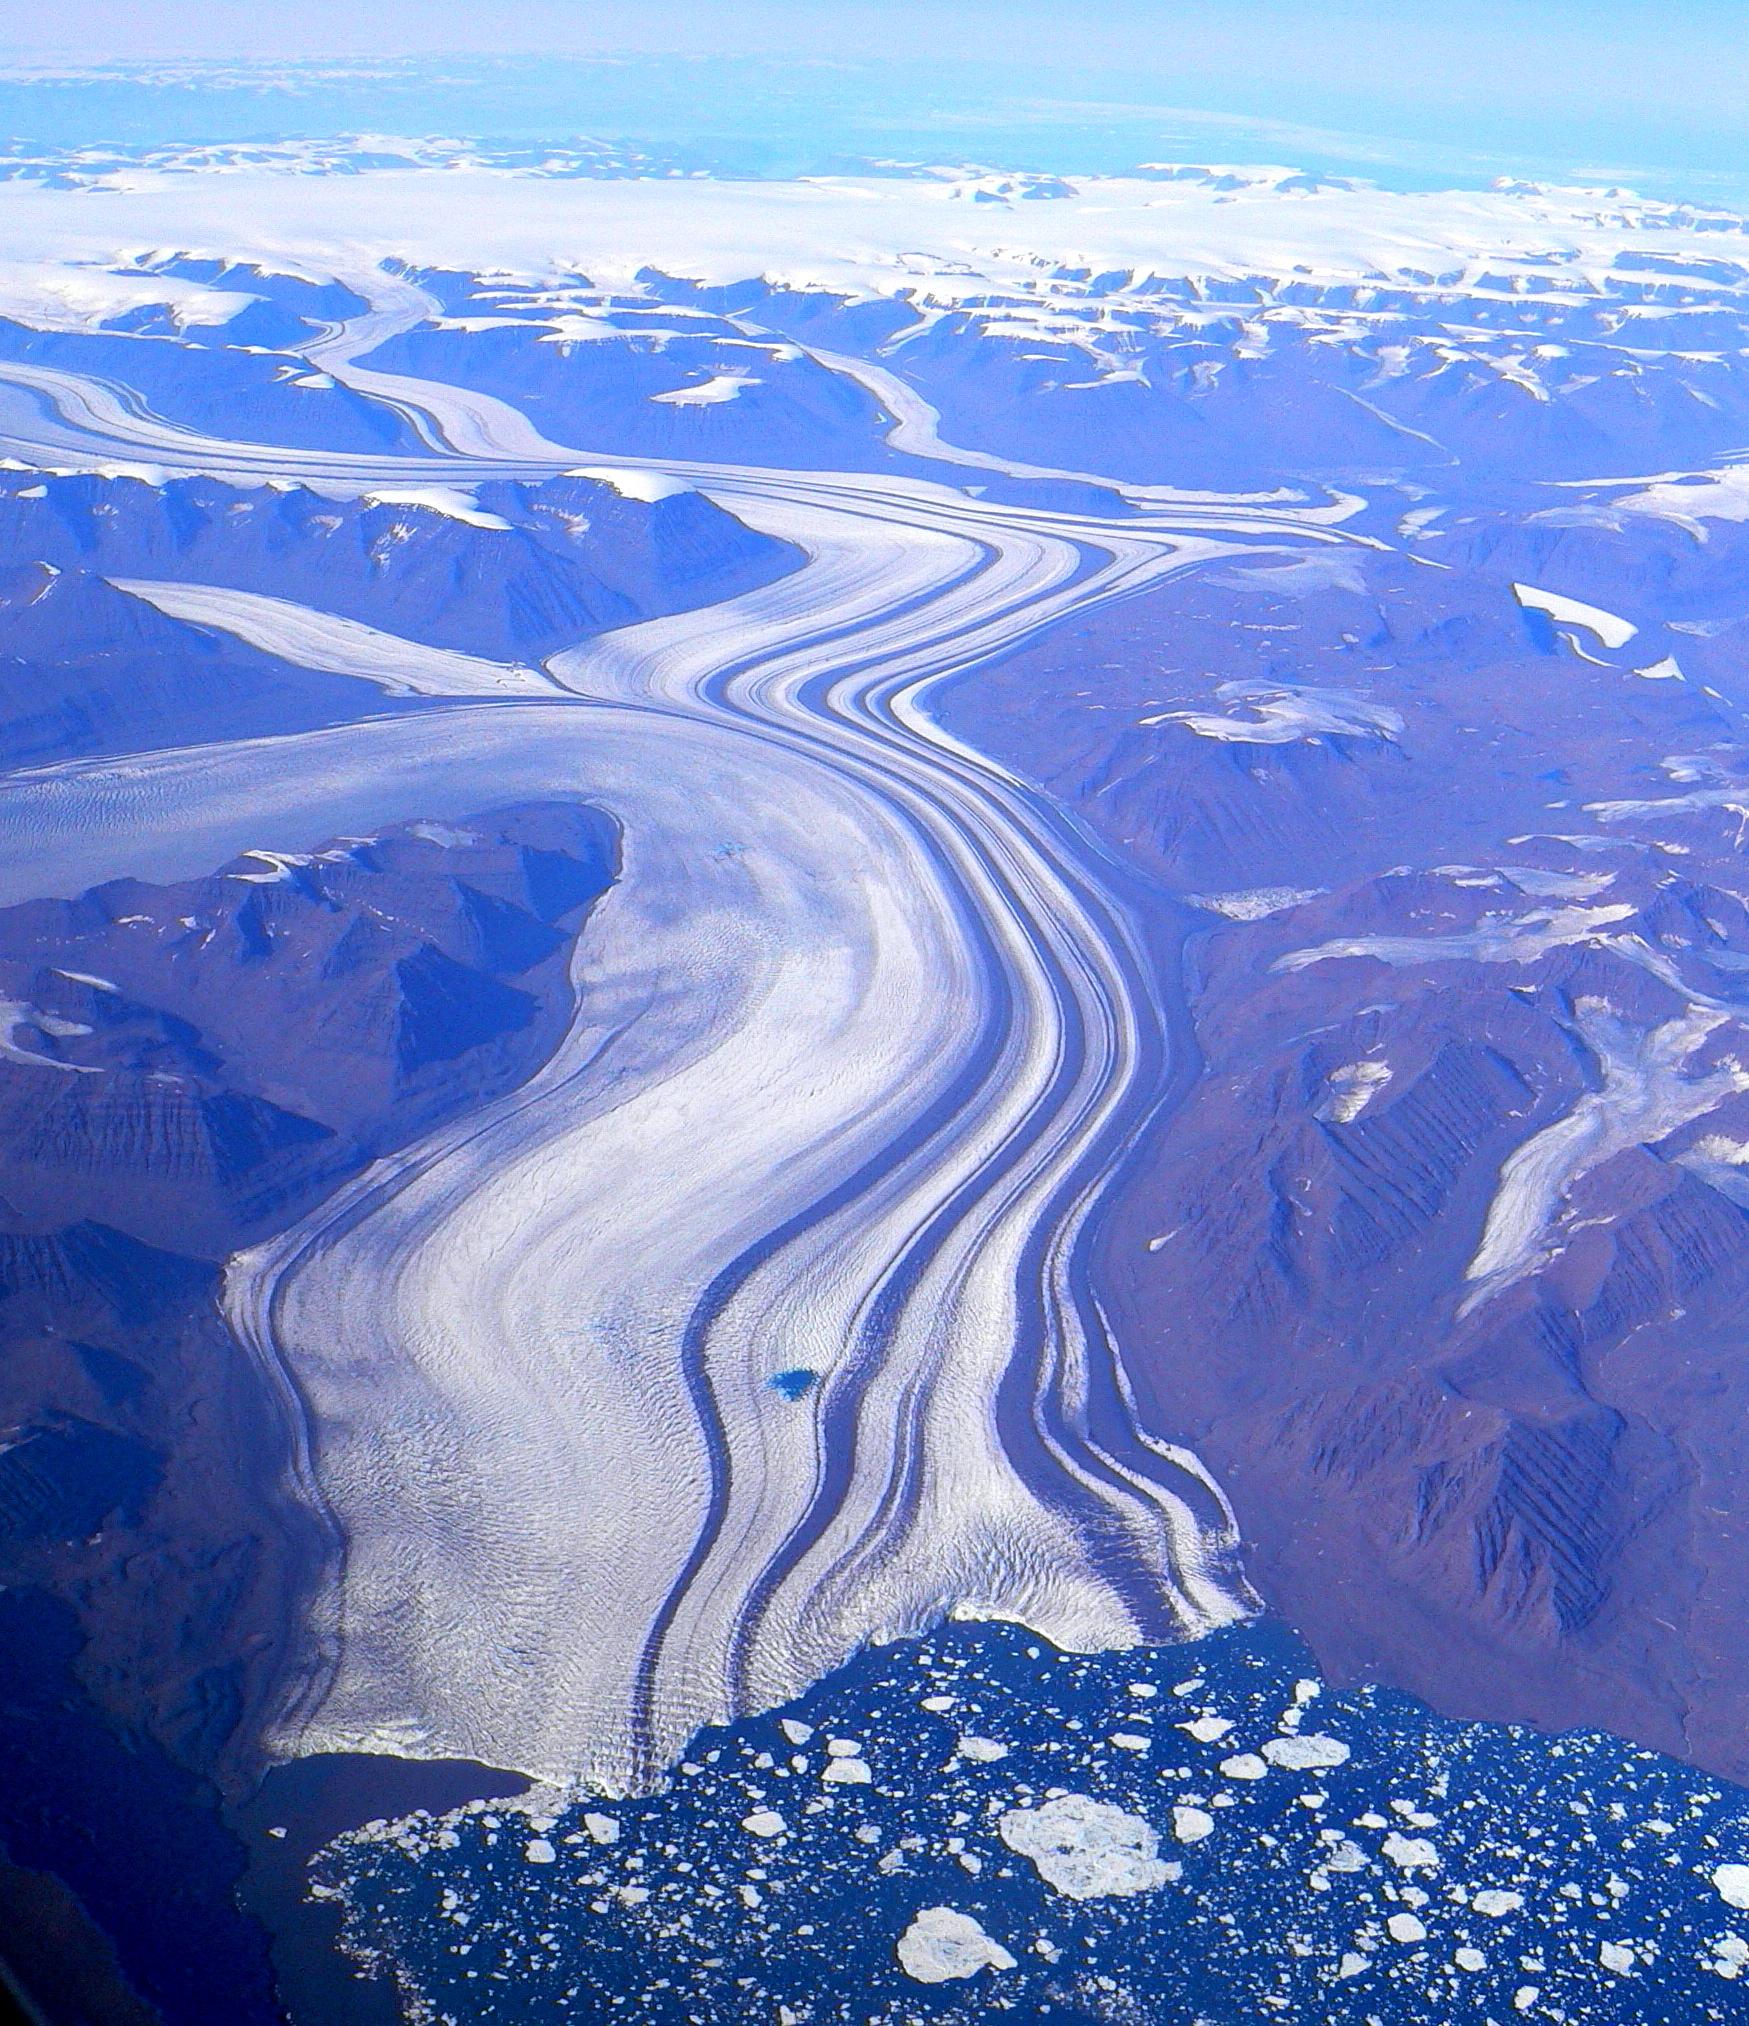 Kan grønlandsk mudder skabe vækst i troperne? Indlandsisen knuser det grønlandske grundfjeld når den bevæger sig over landet. Milliarder af ton, fint bjergartsmel bliver hvert år skyllet ud fra isen med smeltevand og aflejret i fjorde og søer. Det fine stenmel indeholder alle de mineralske næringsstoffer som planter har brug for til deres vækst, men på grund af det kolde arktiske klima forbliver størstedelen af melet inaktivt.  Store områder i troperne og subtroperne er karakteriserede ved at have ekstremt næringsfattige jorde fordi der gennem millioner af års varmt og fugtigt tropiske klima er sket en omfattende udvaskning af næringsstoffer. Tropejorde giver derfor typisk meget lave afgrødeudbytter, sammenlignet med fx danske jorde.  Minik Rosing og hans kolleger er ved at undersøge om man på samme tid kan skabe et nyt bæredygtigt erhverv i Grønland og revitalisere de forarmede tropejorde, og dermed skabe økonomisk vækst i fattige tropiske og subtropiske områder. (Foto: Steve Jurvetson, wikimedia.org)